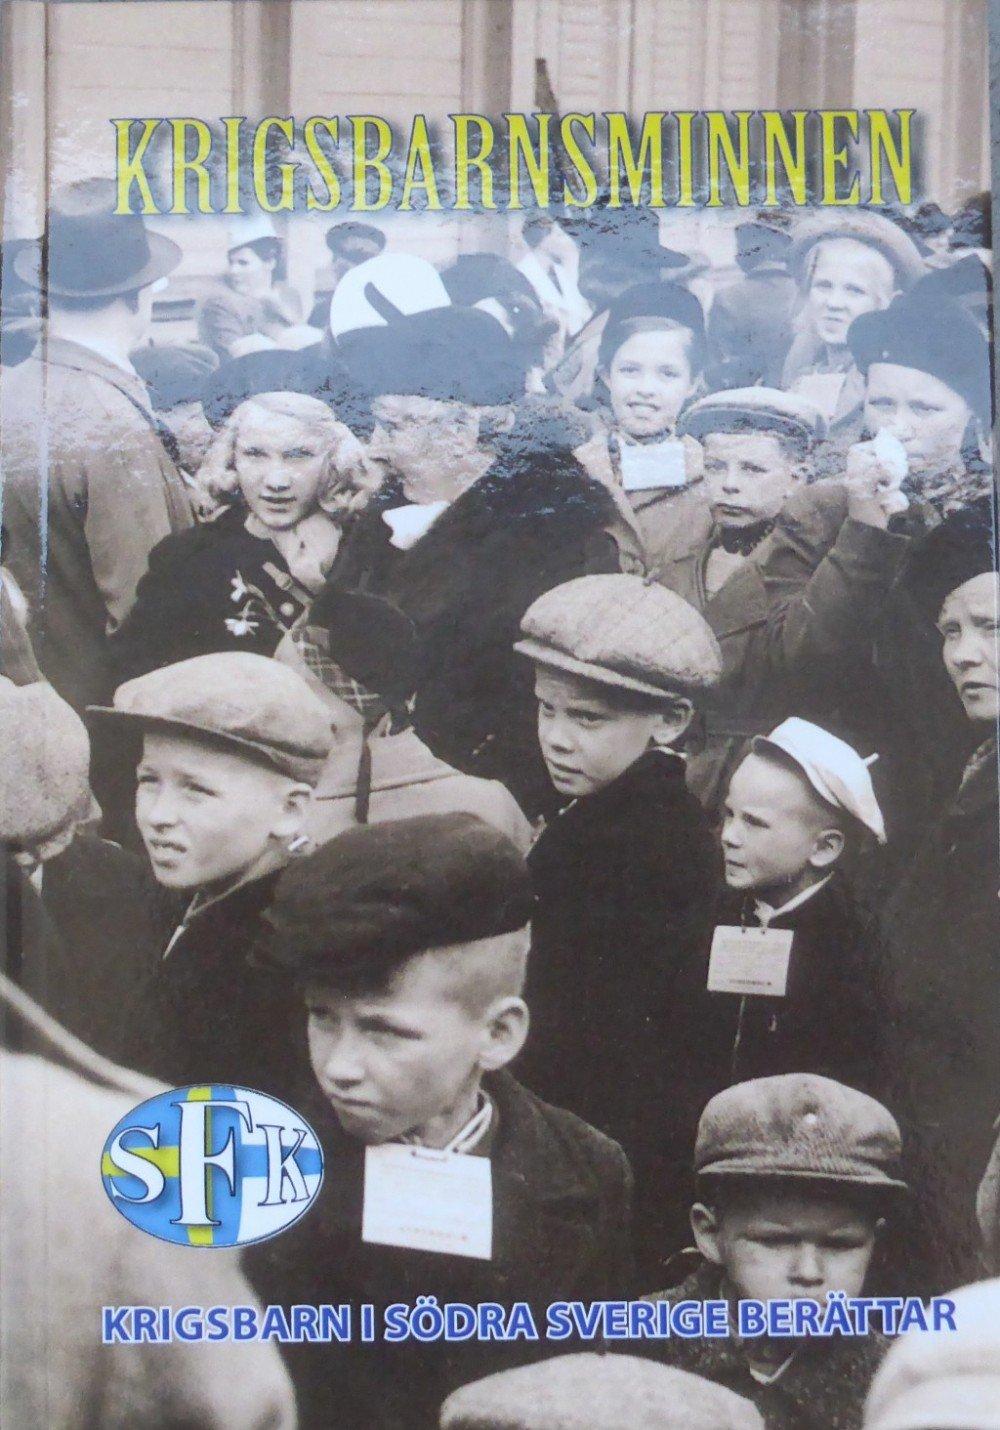 SYDSVERIGES FINSKA KRIGSBARN Nr 23